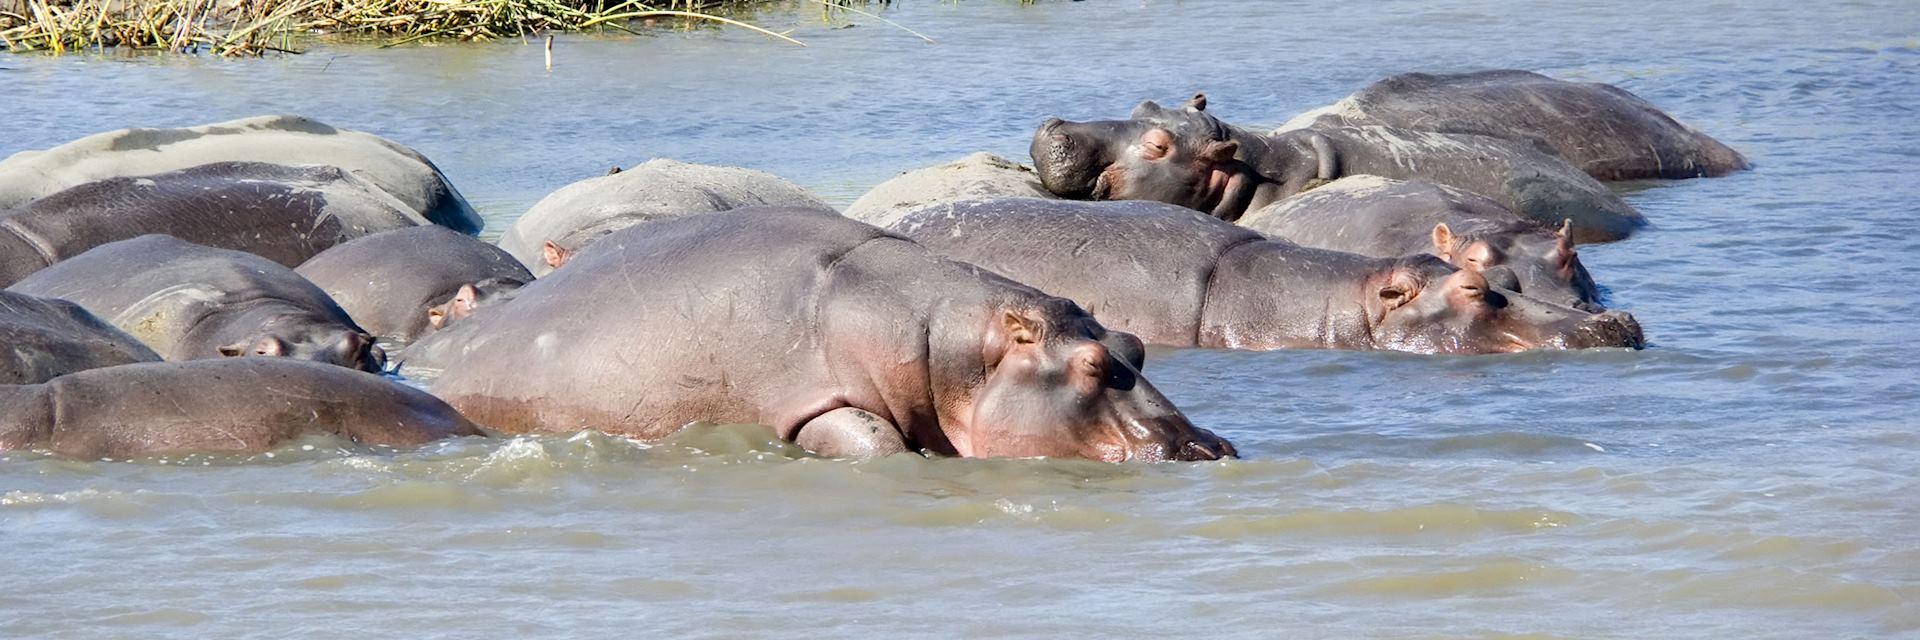 Hippo, Lake St Lucia